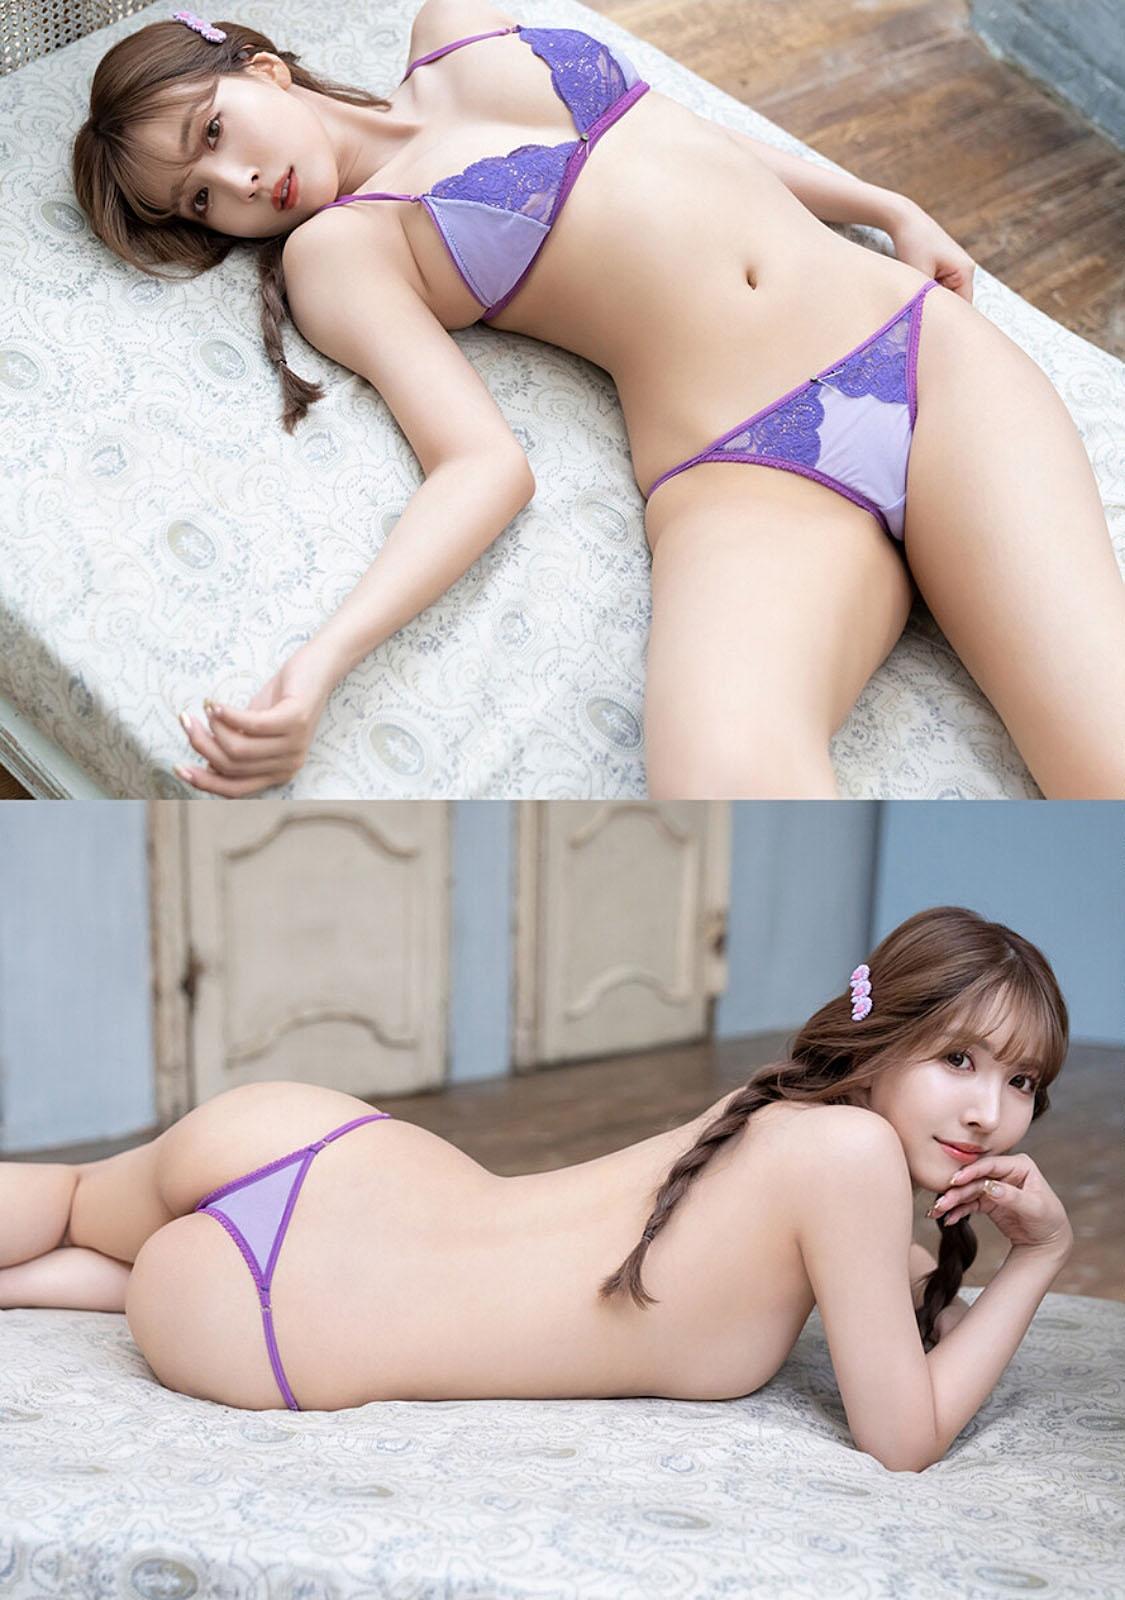 YMikami Harem 32 2021 24.jpg